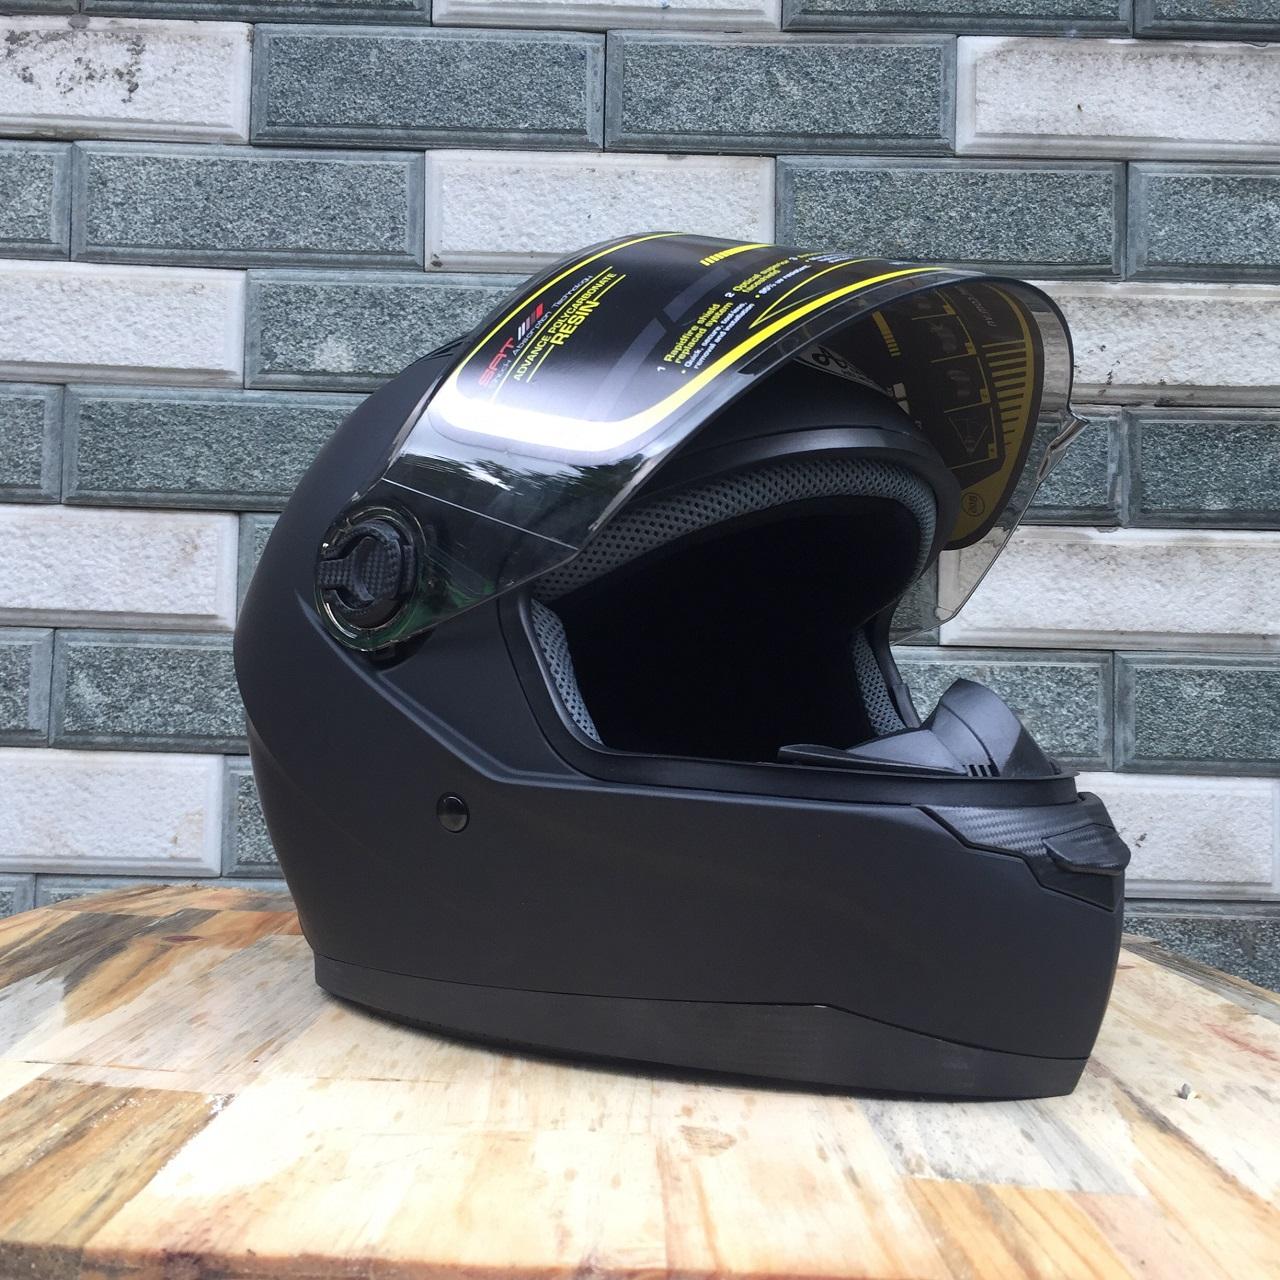 Mũ bảo hiểm Fullface Asia MT136 đen